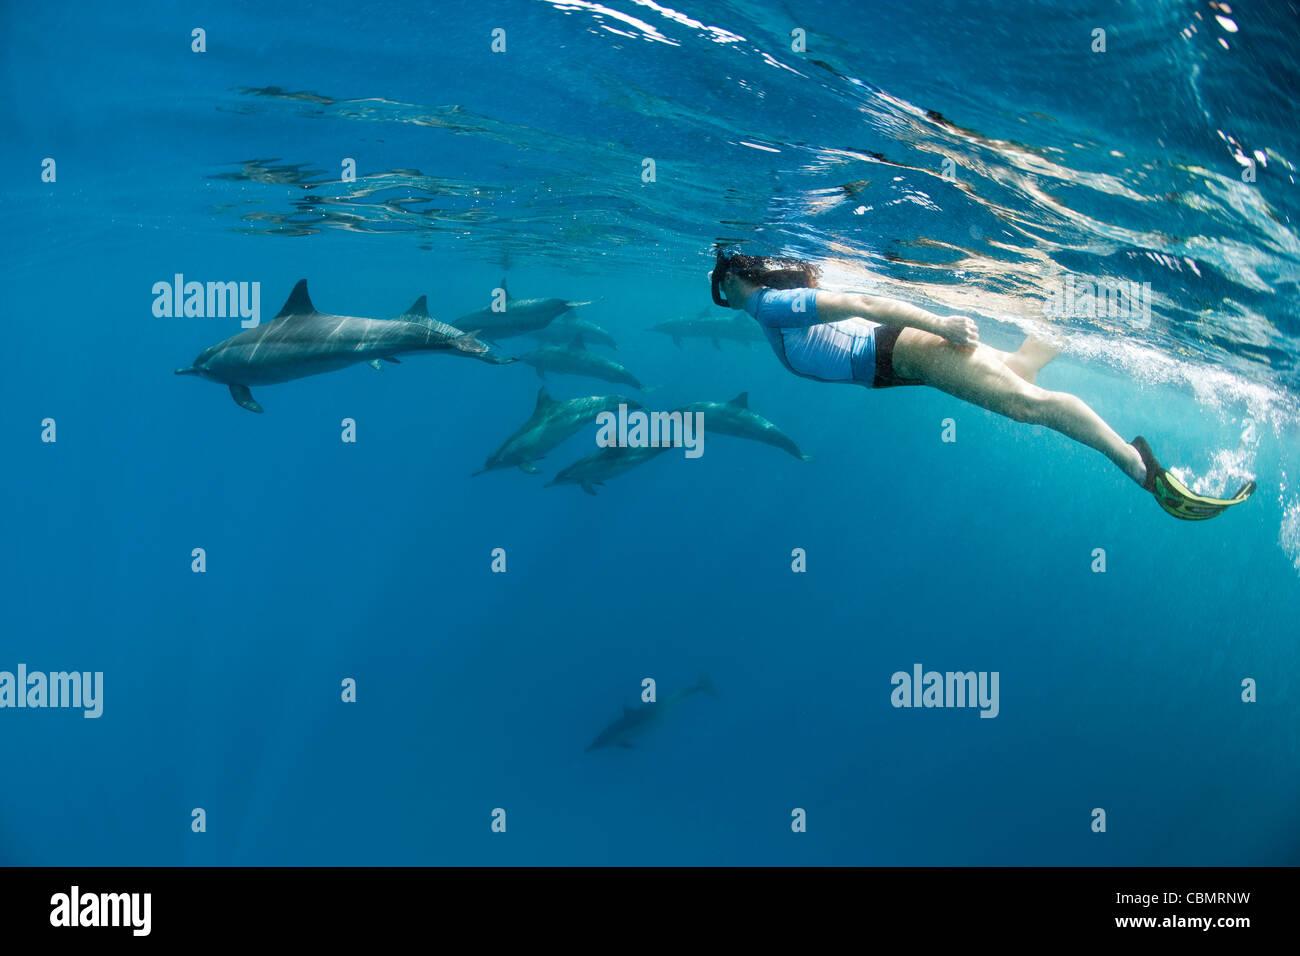 Snorkeling com golfinhos saltadores, Stenella longirostris, Shaab Rumi, Mar Vermelho, Sudão Imagens de Stock